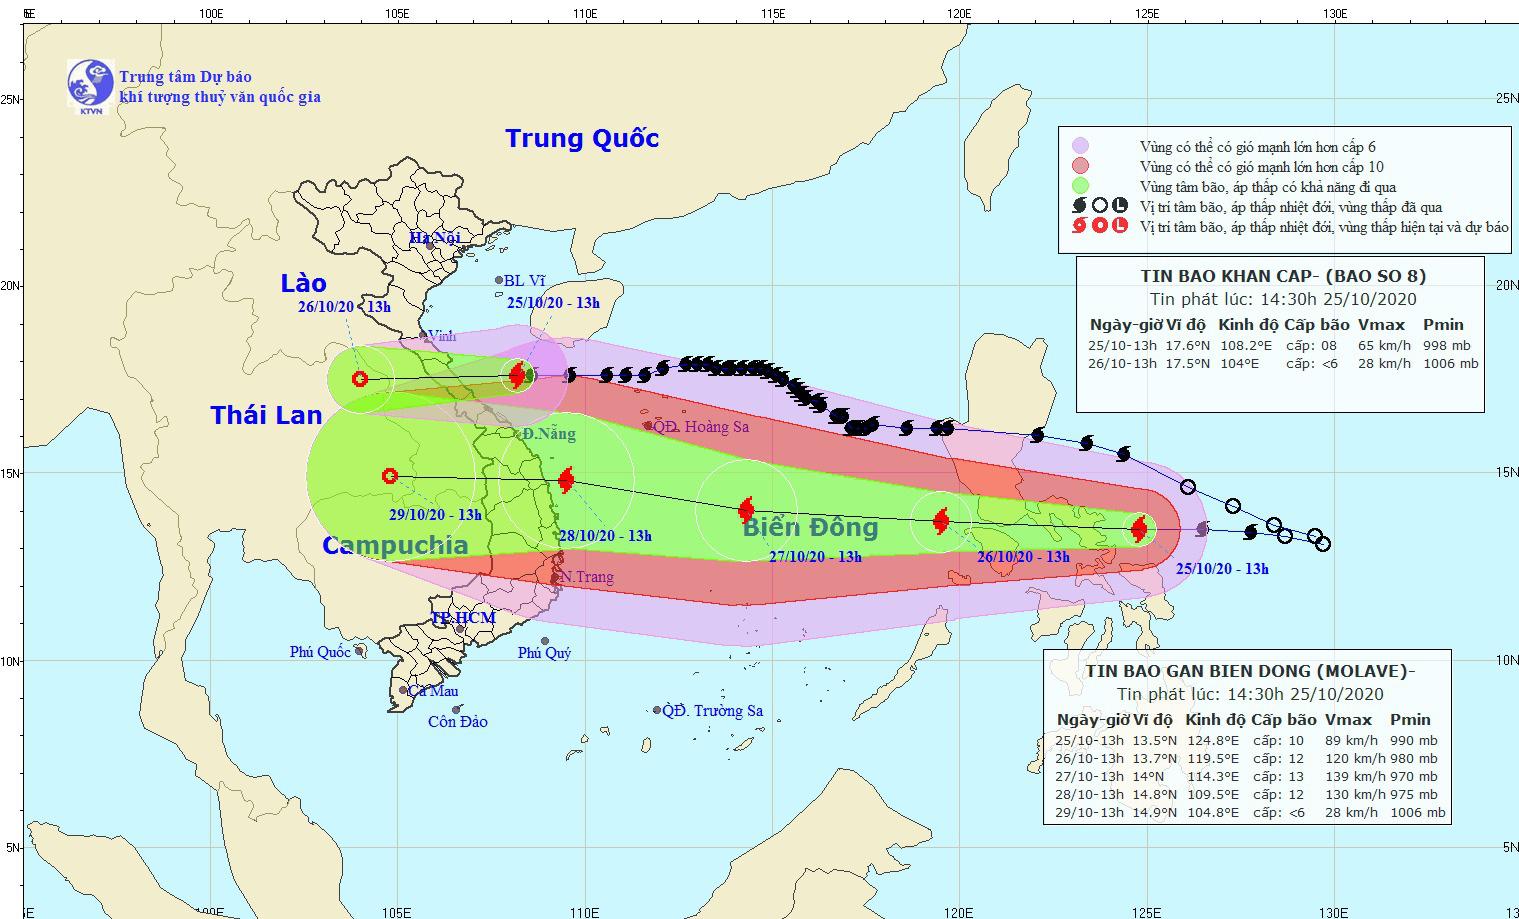 Tin bão mới nhất: Bão số 8 tiến sát Hà Tĩnh - Quảng Trị, bão Molave có thể vào Đà Nẵng - Phú Yên  - Ảnh 1.